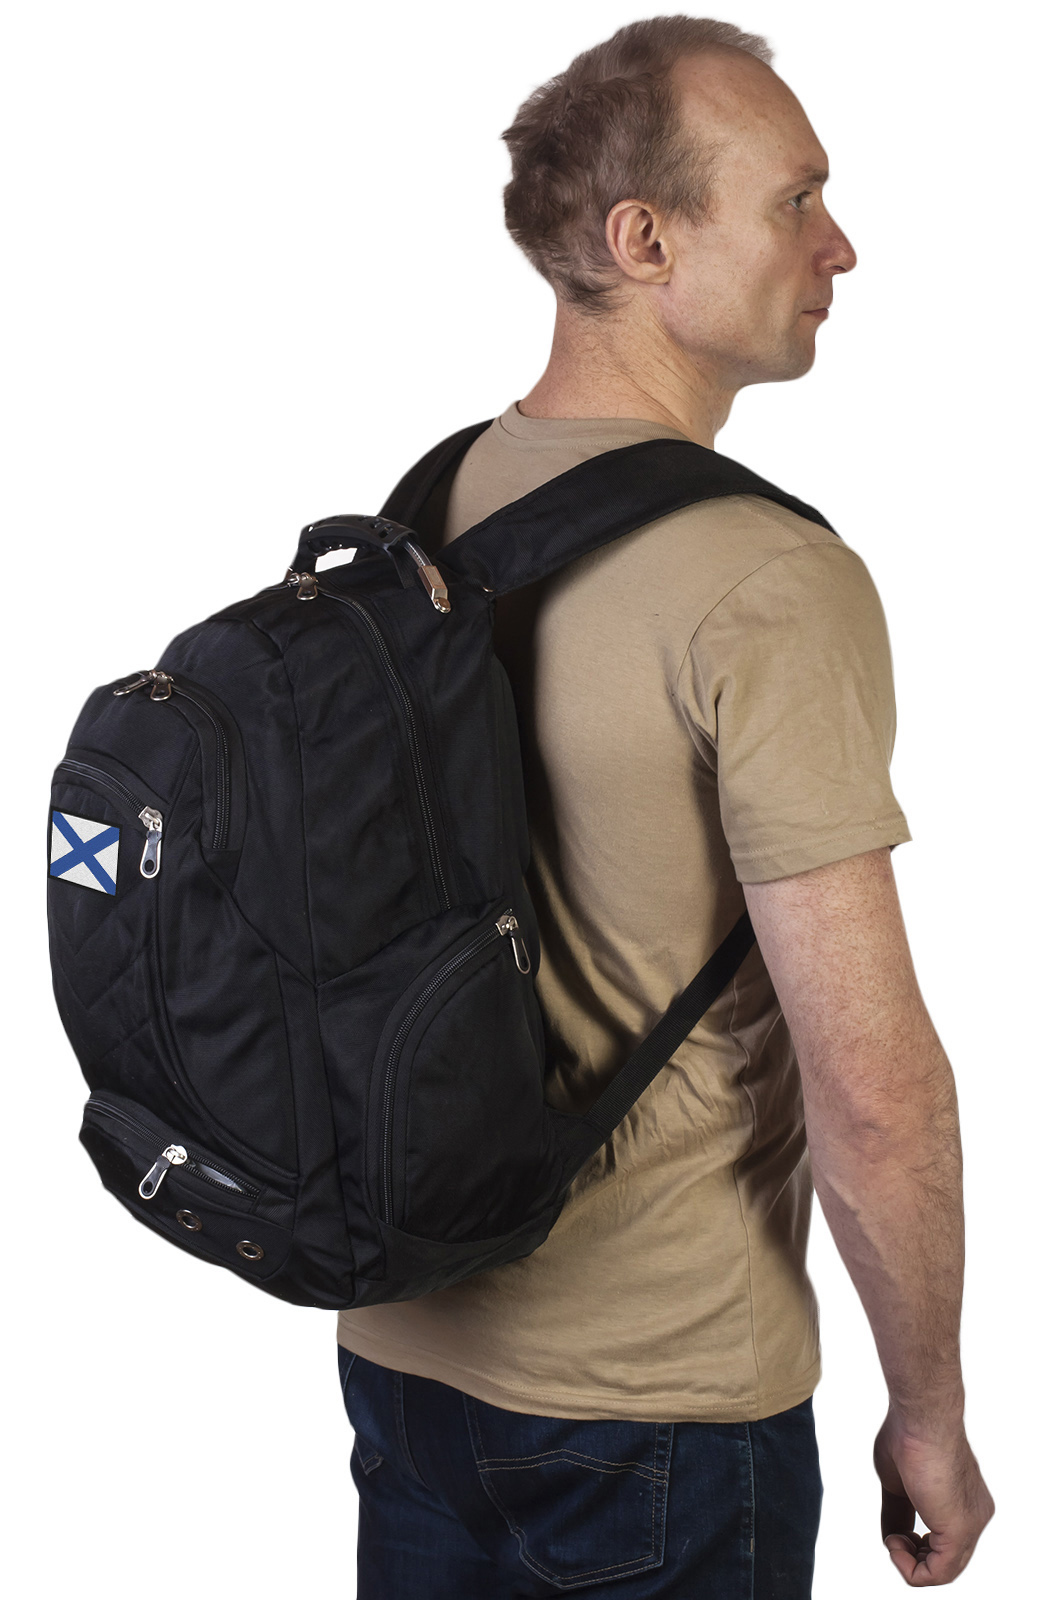 Заказать оригинальный городской рюкзак с Андреевским флагом